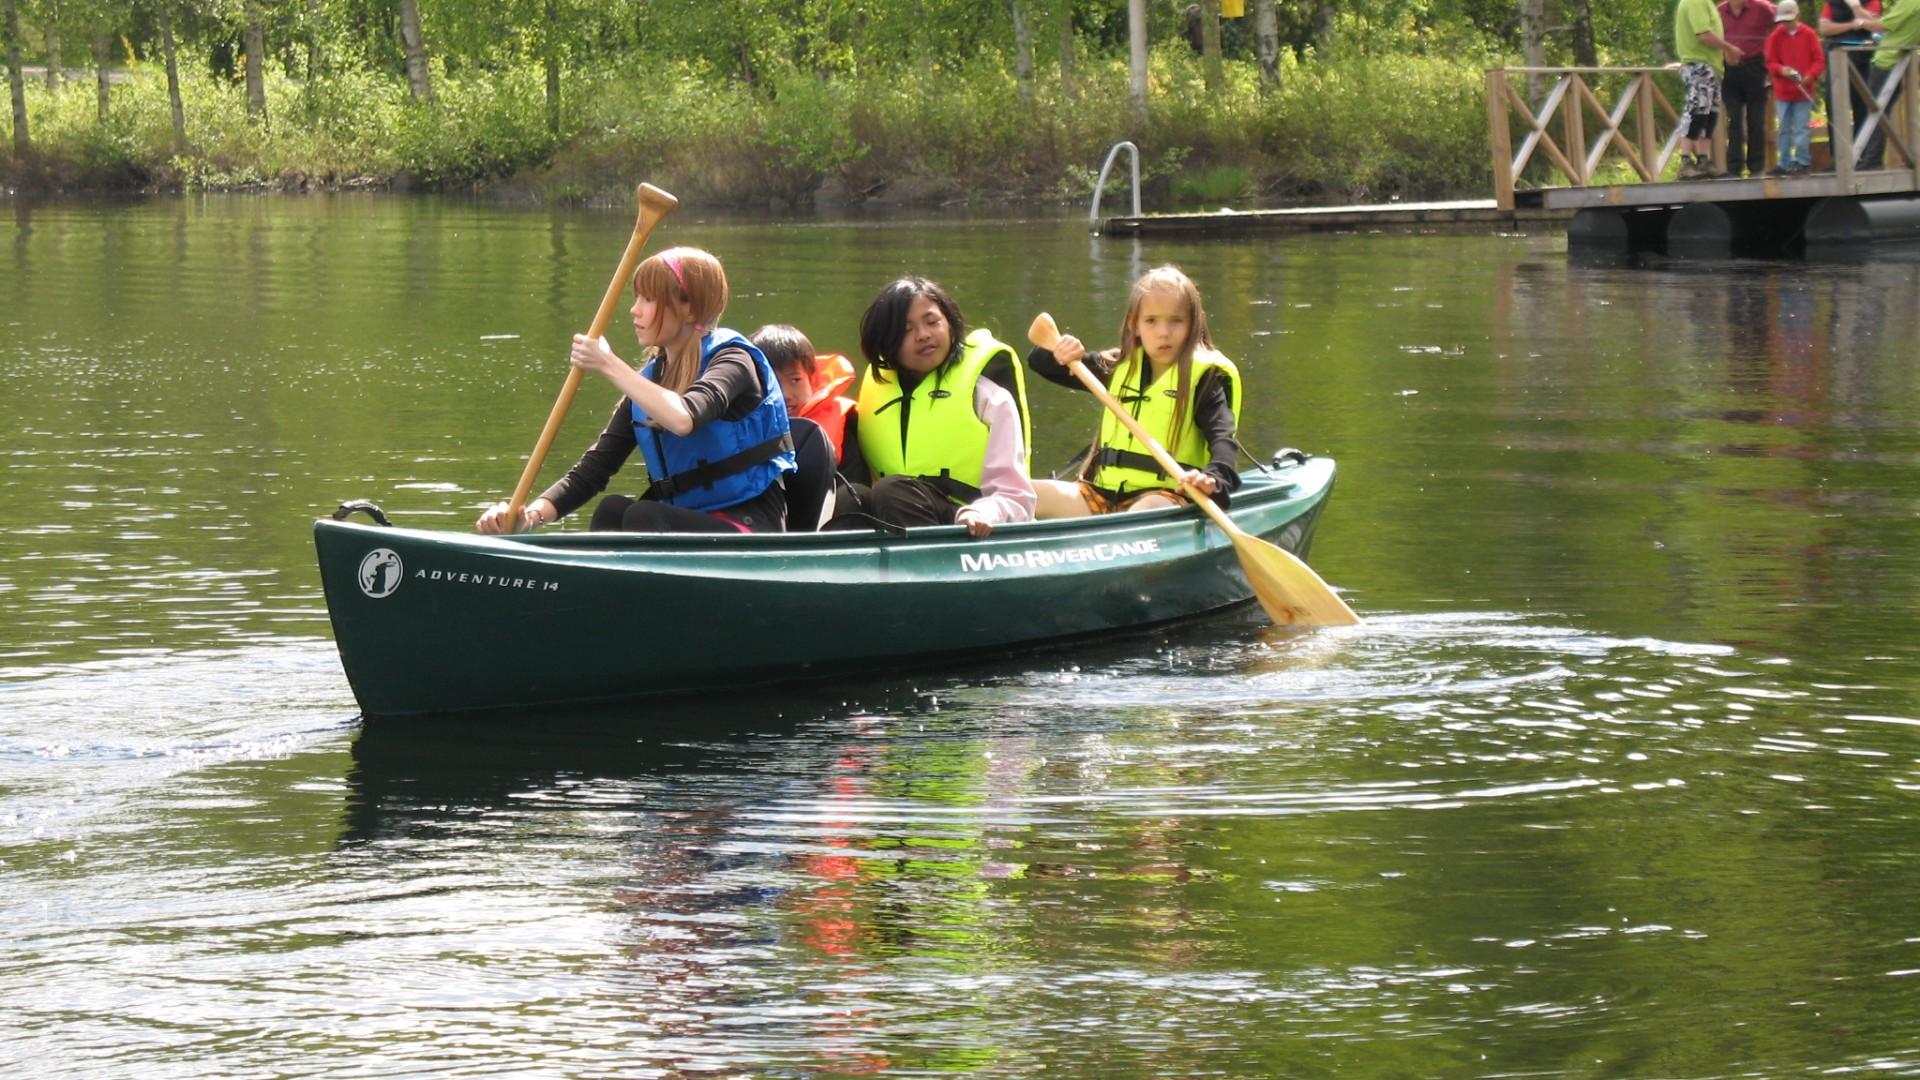 vacaciones en Suecia cultura escandinava Familia Amigos viajar autocaravana naturaleza